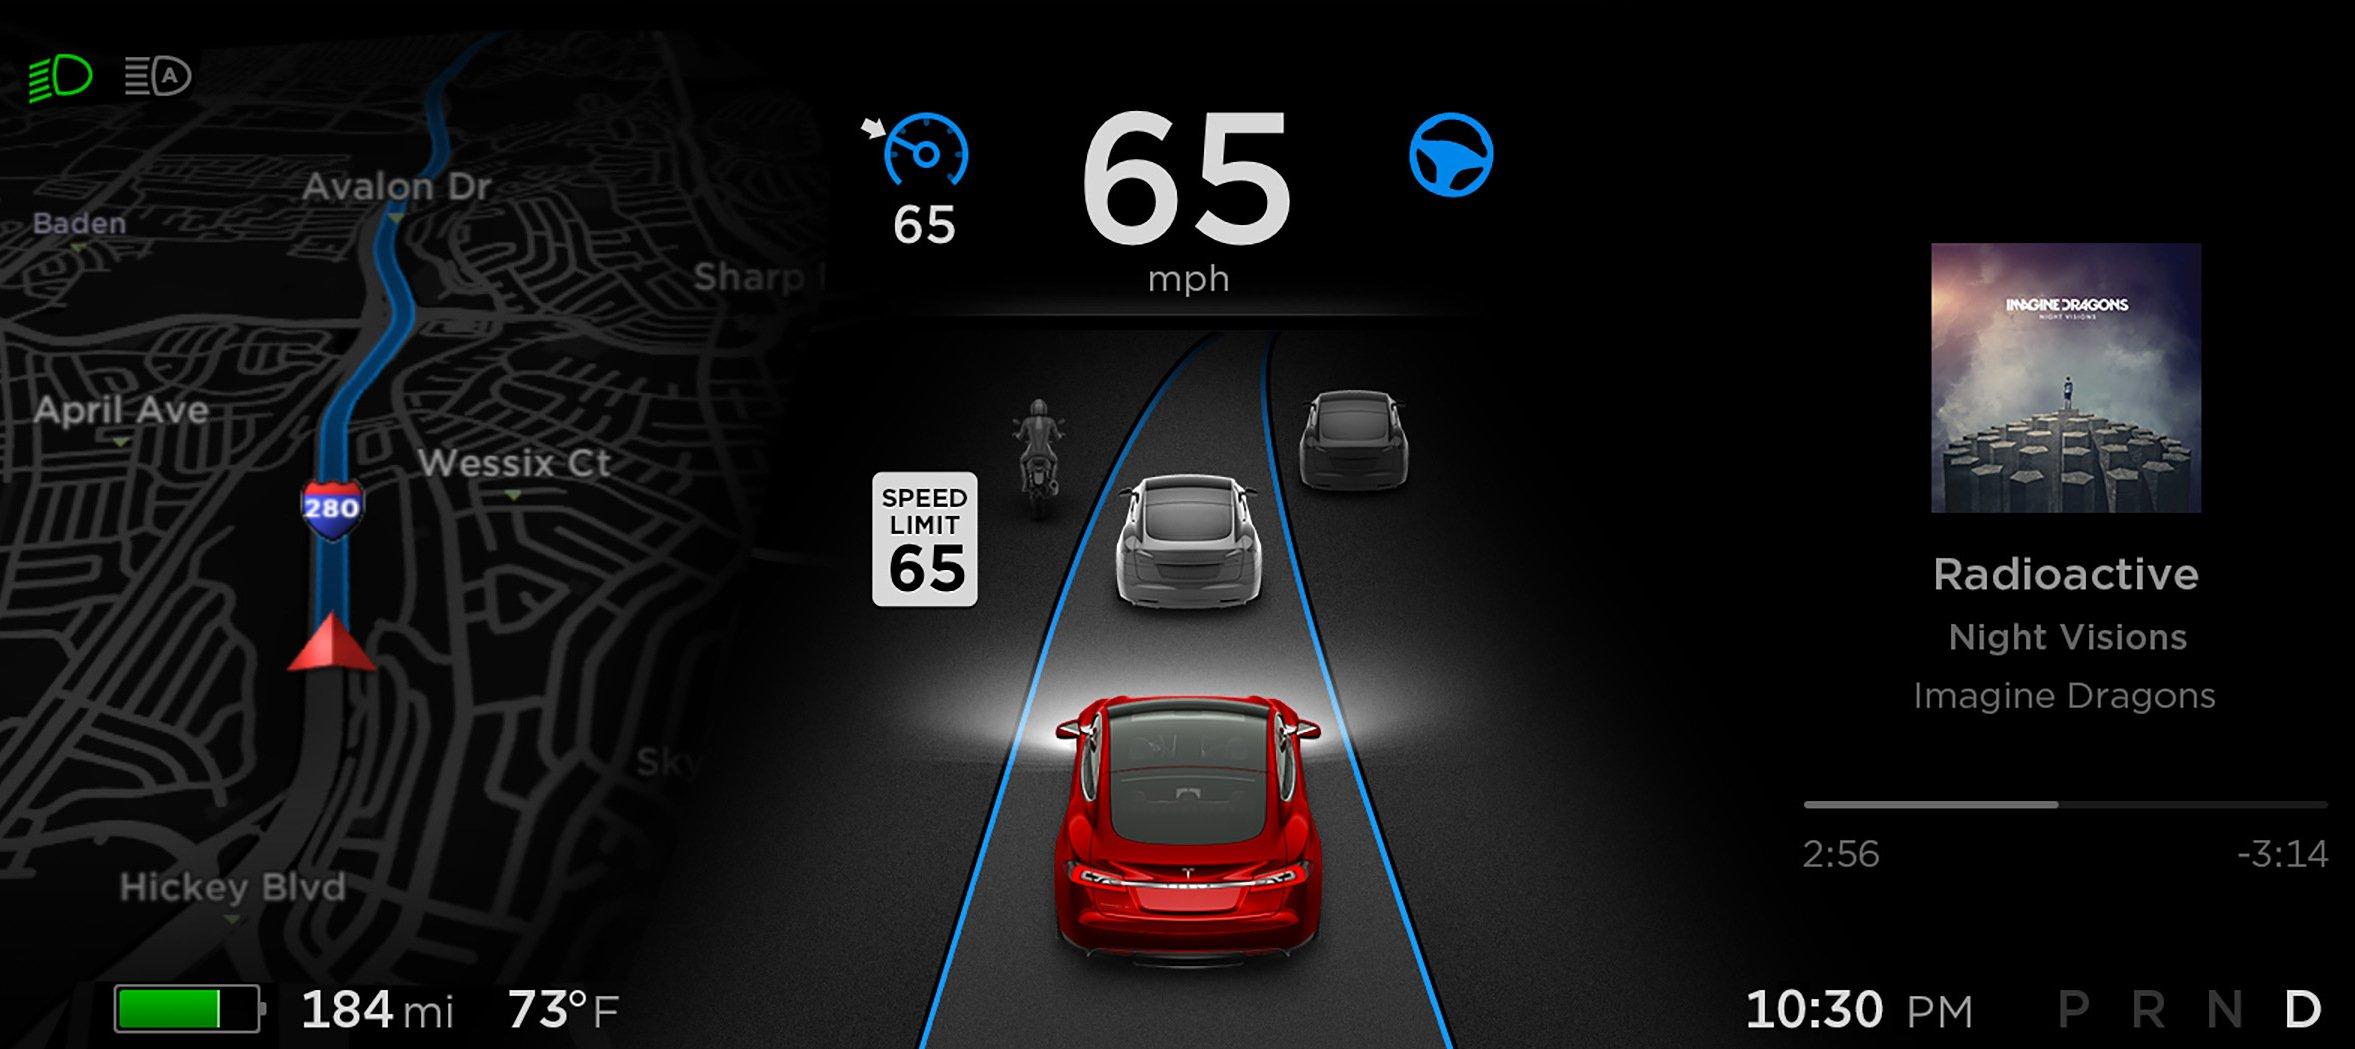 Der Autopilot im Tesla ist allenfalls ein Assistenzsystem, das zum Beispiel den Abstand zum Vordermann halten kann.